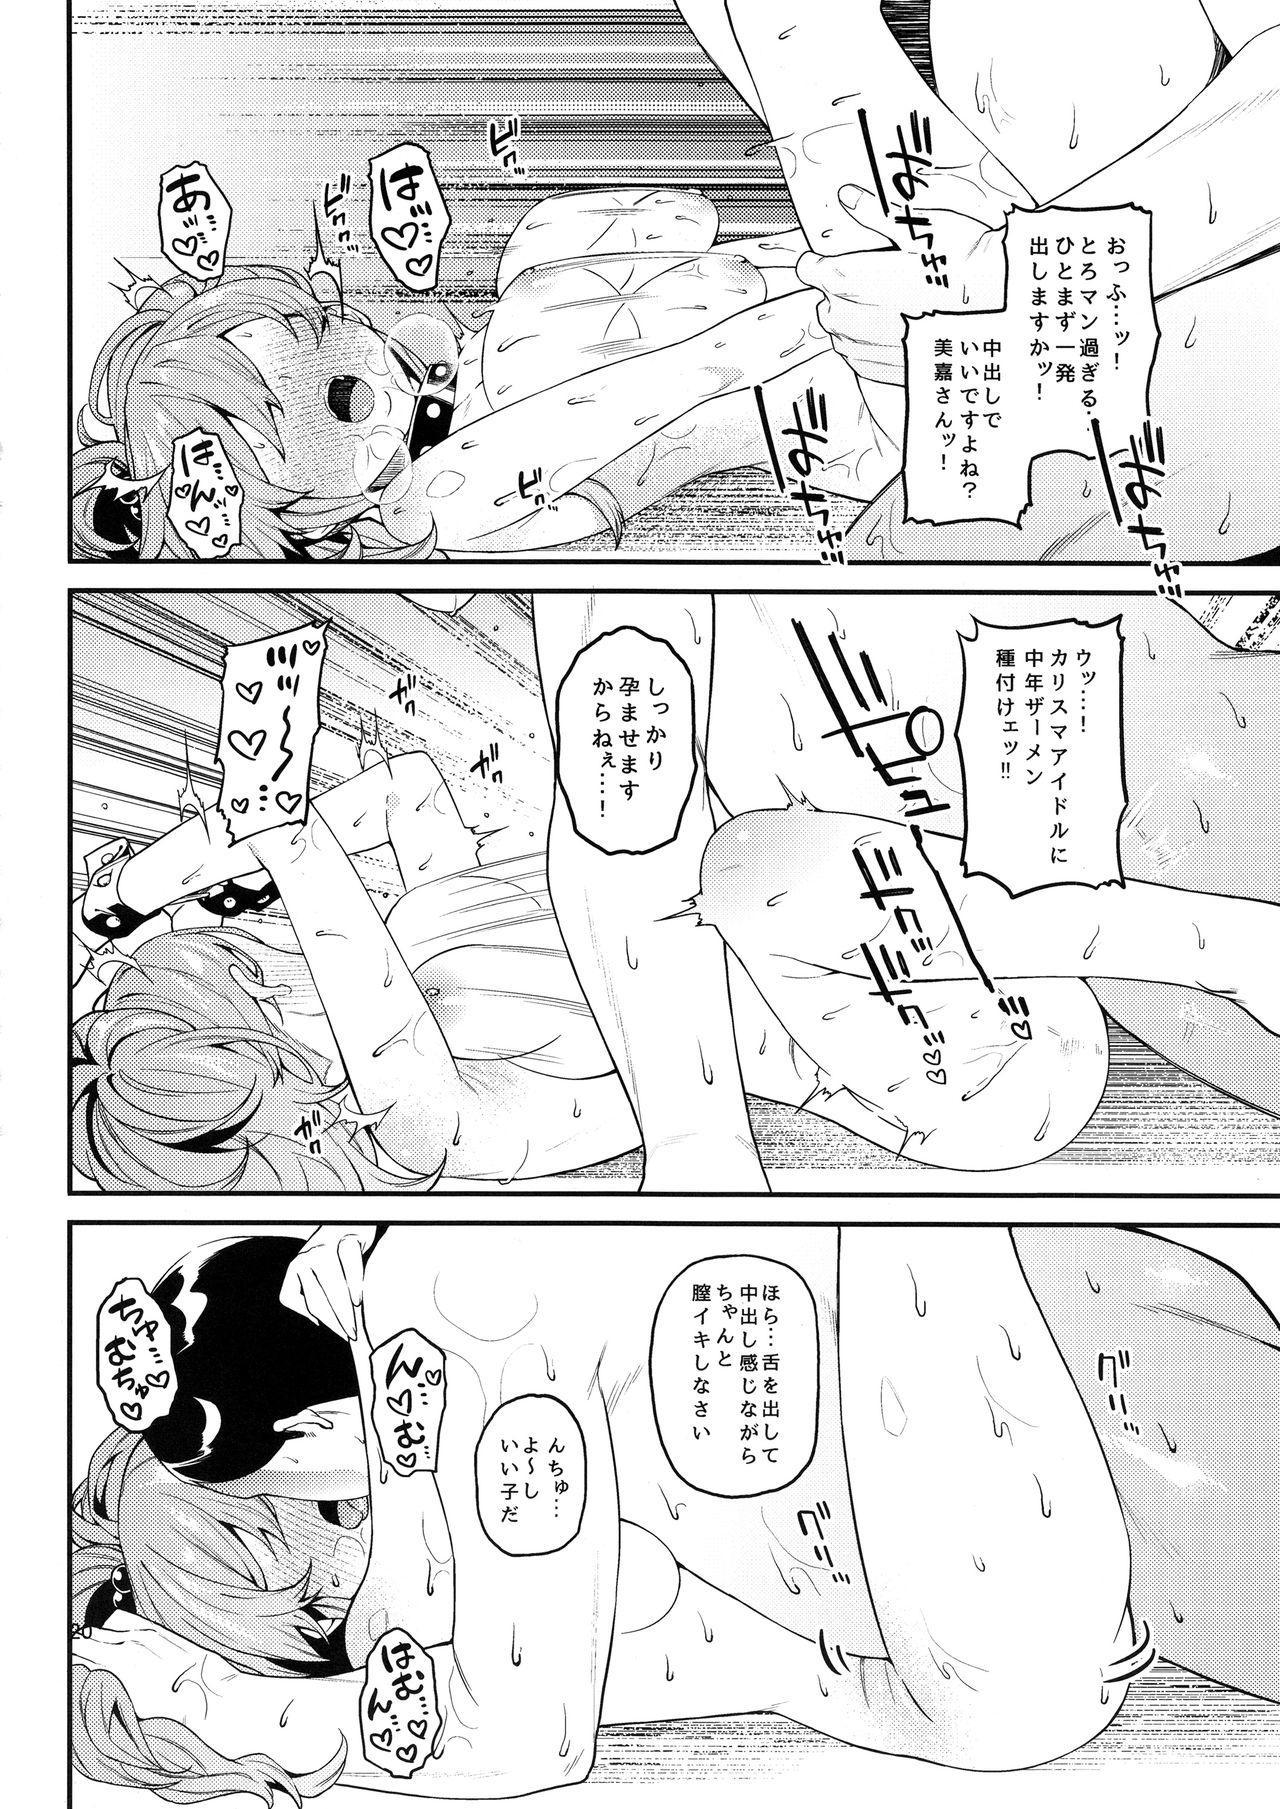 Rika, Shimai de Issho ni Mootto Otona ni Shiteageyou. 20